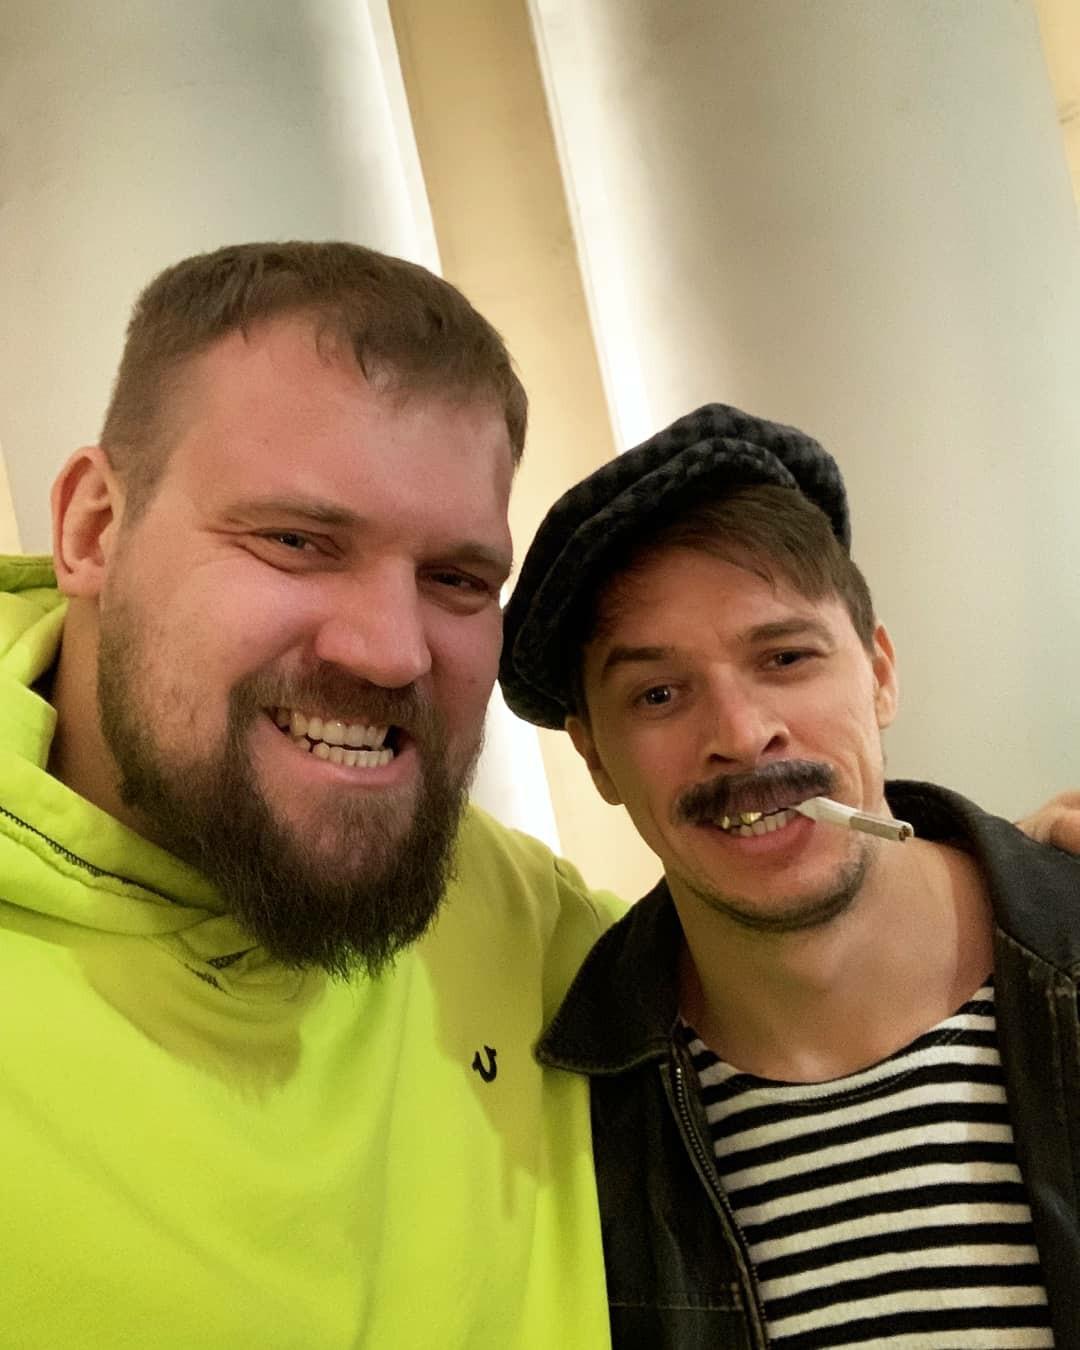 Виталий Орехов (Батя): биография YouTube блогера